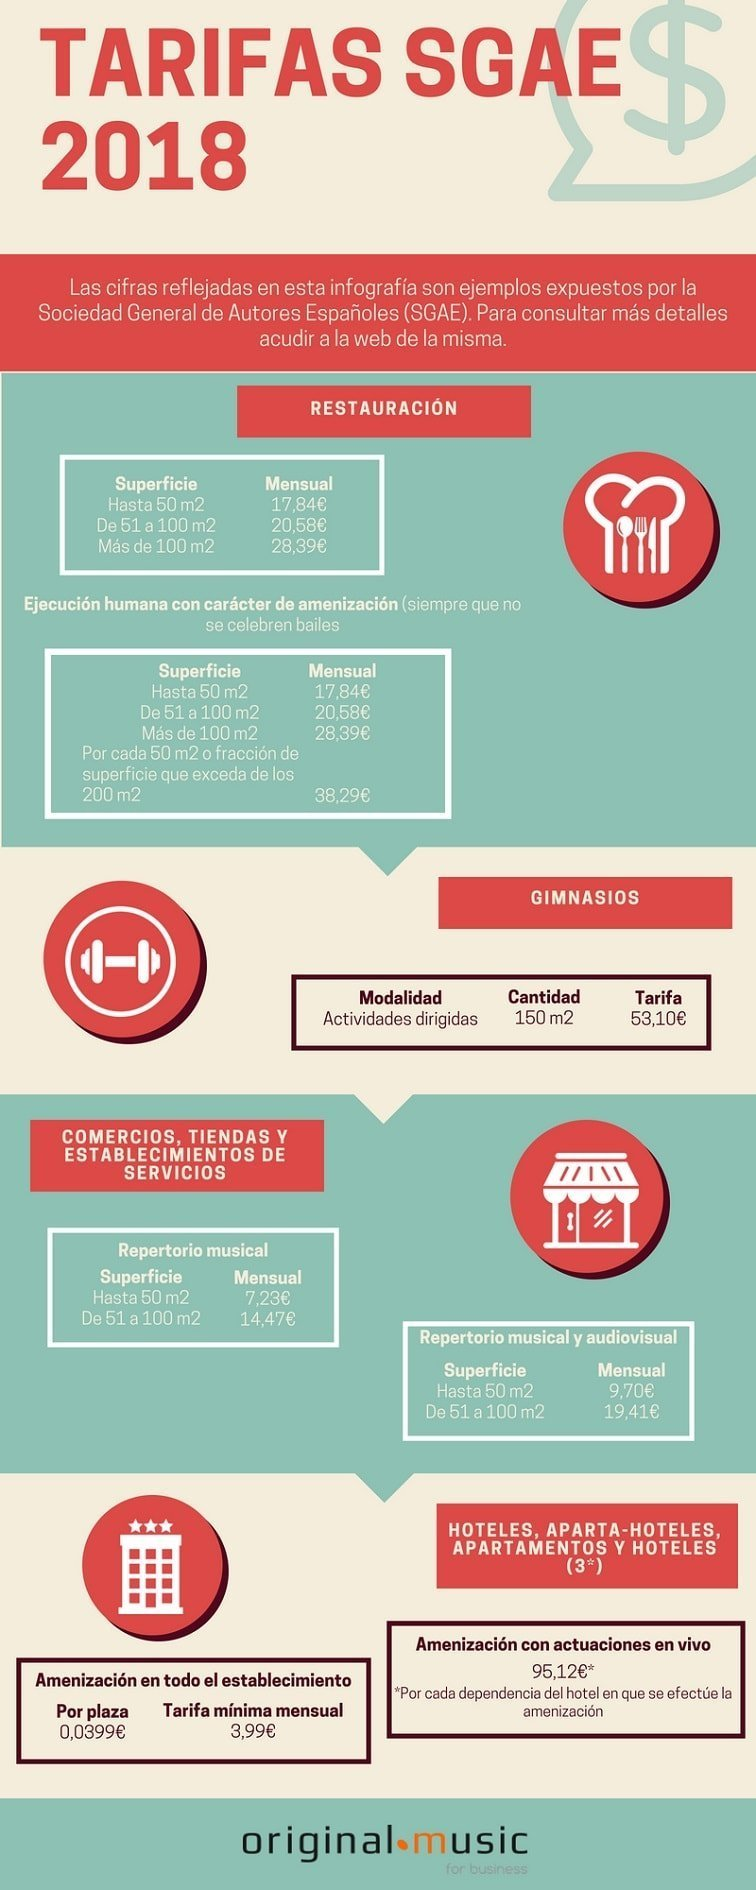 Infografía de las tarifas SGAE 2018